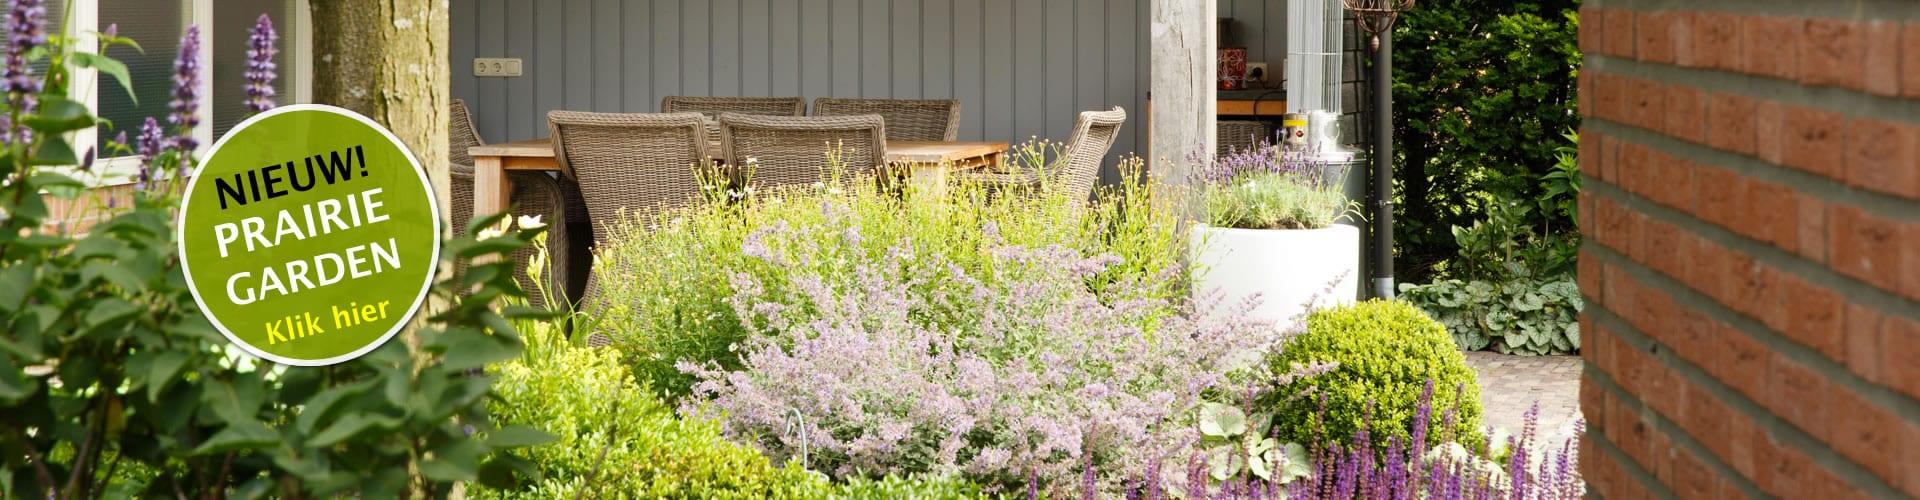 NIEUW!!!! The easy Prairie Garden